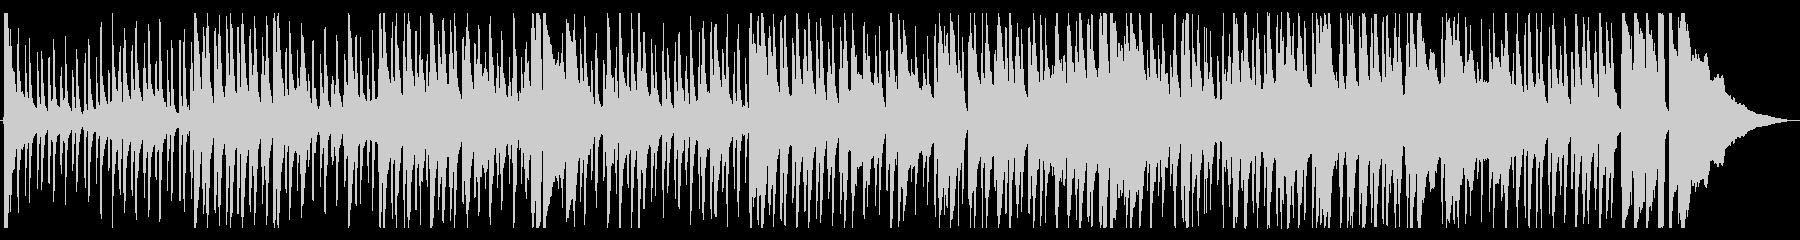 アコースティックギターによる古いブルースの未再生の波形